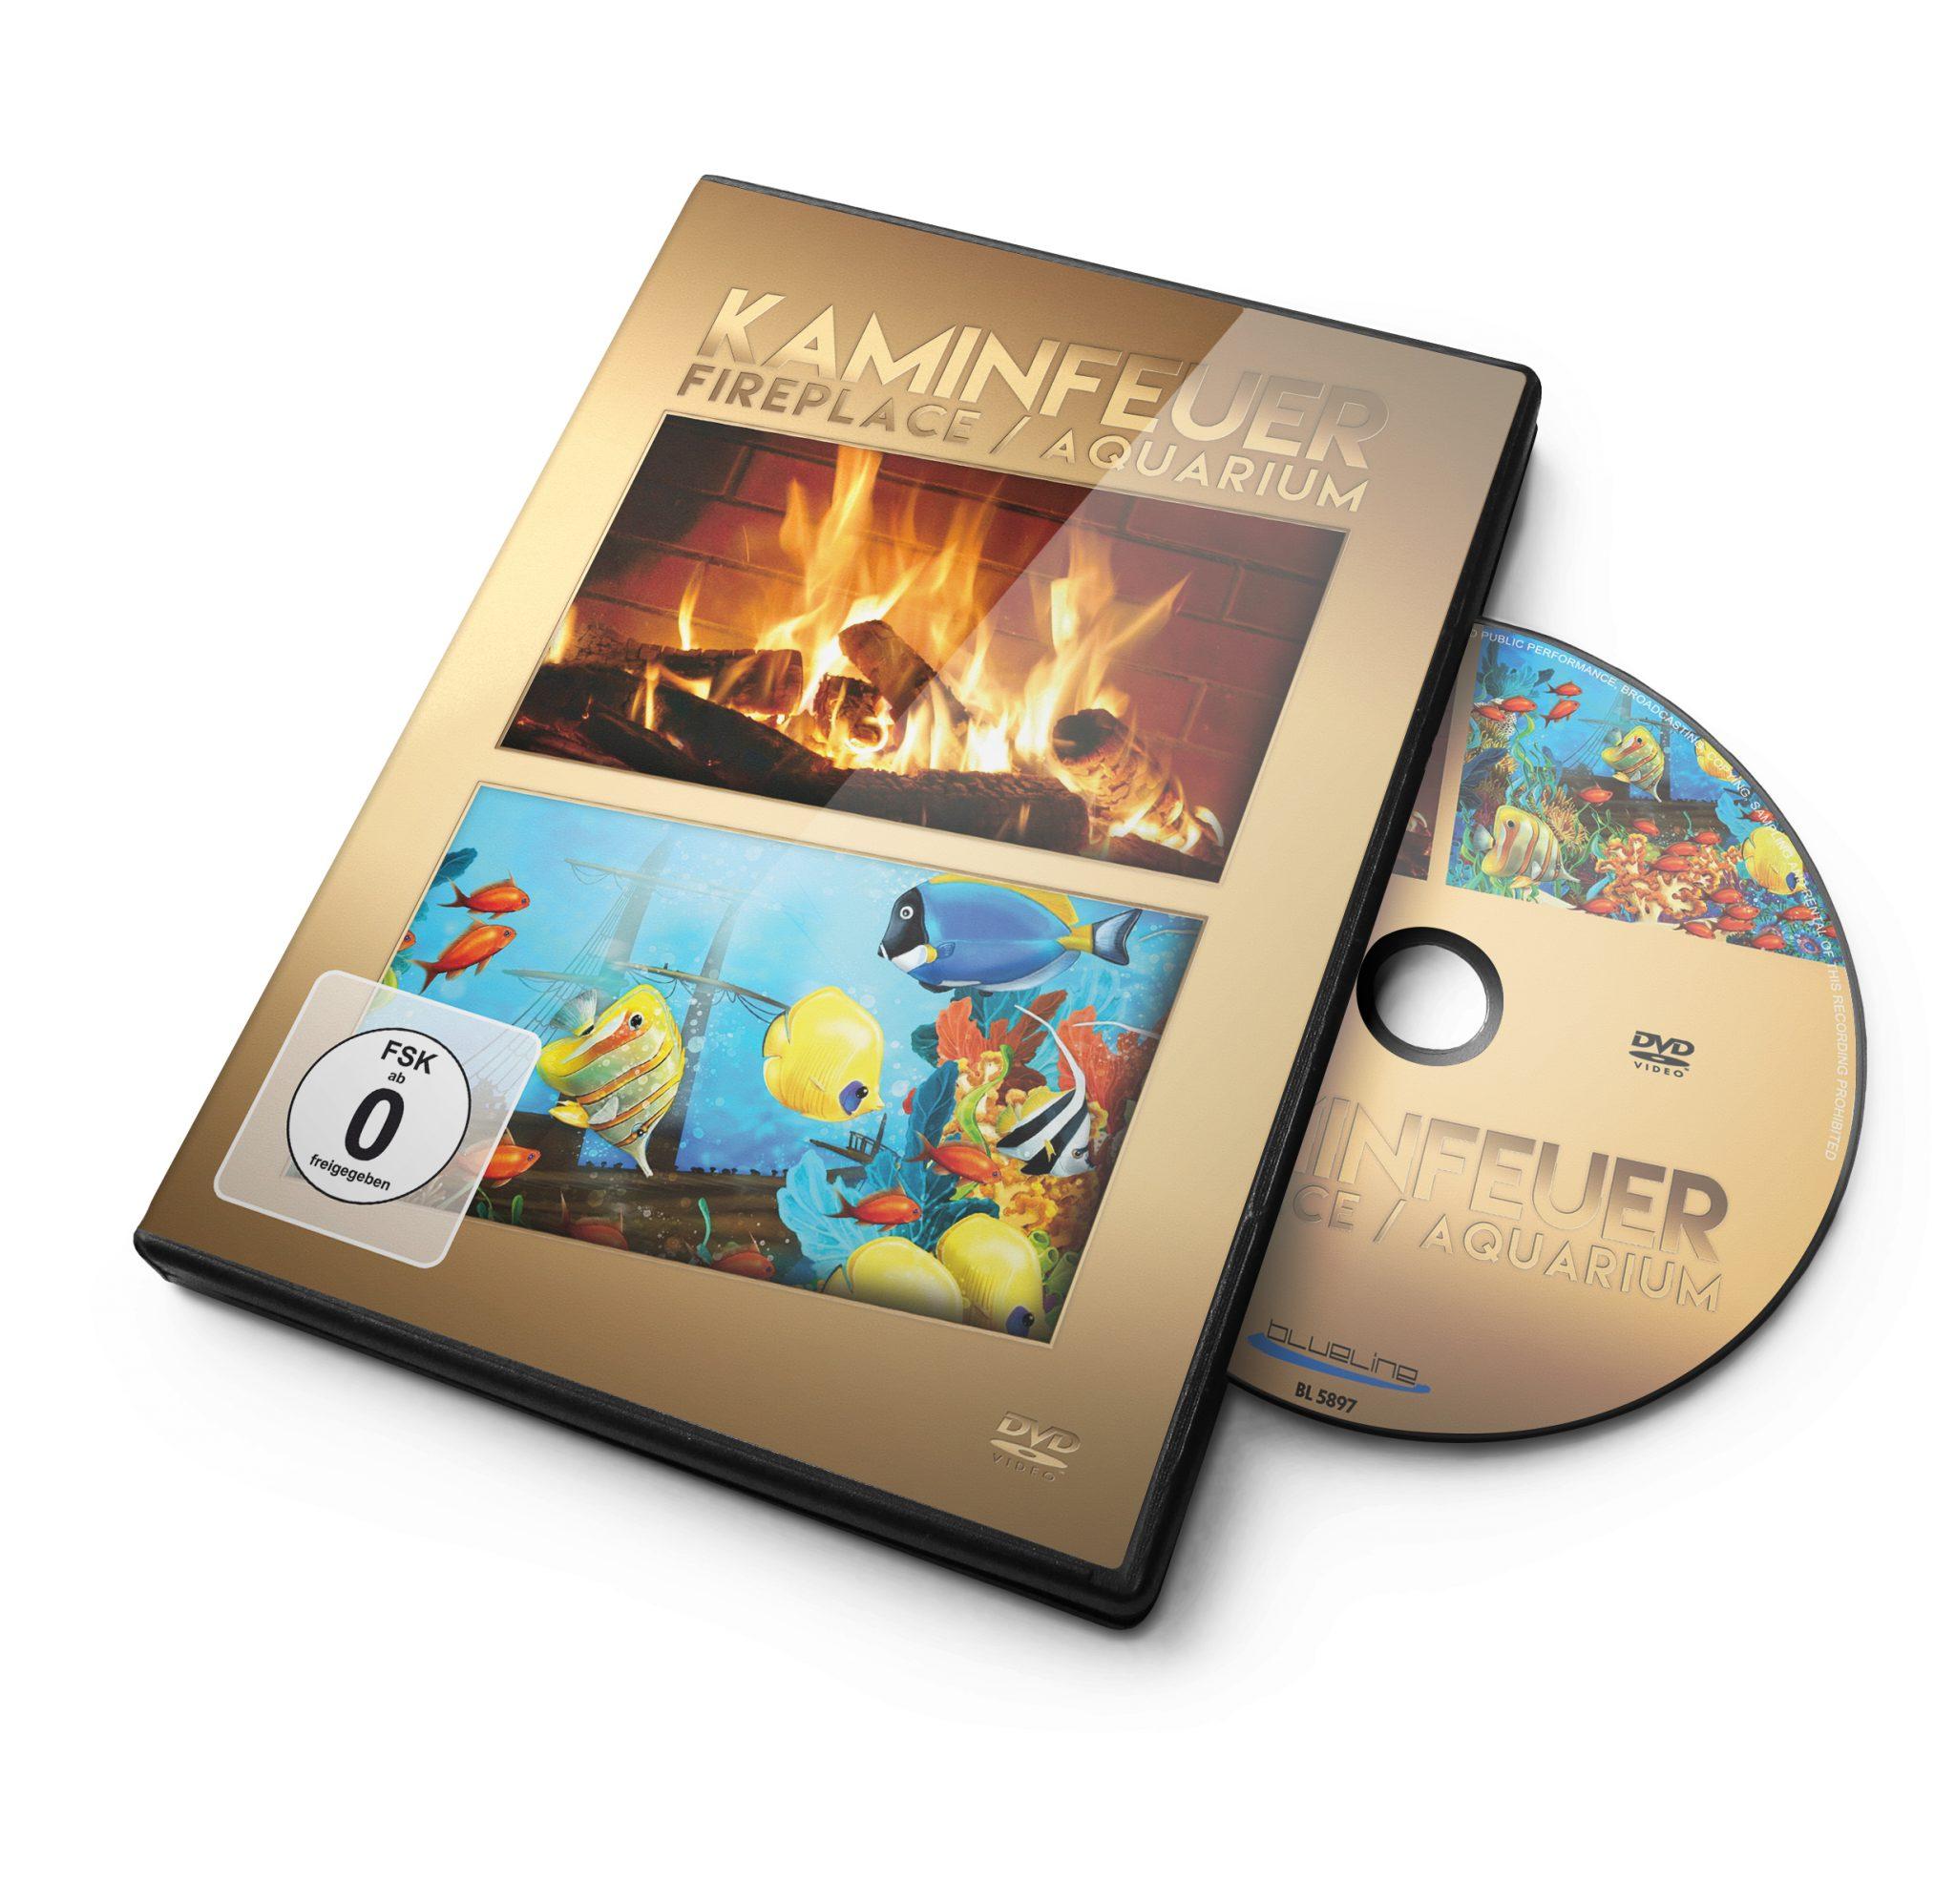 kaminfeuer-aquarium_dvd